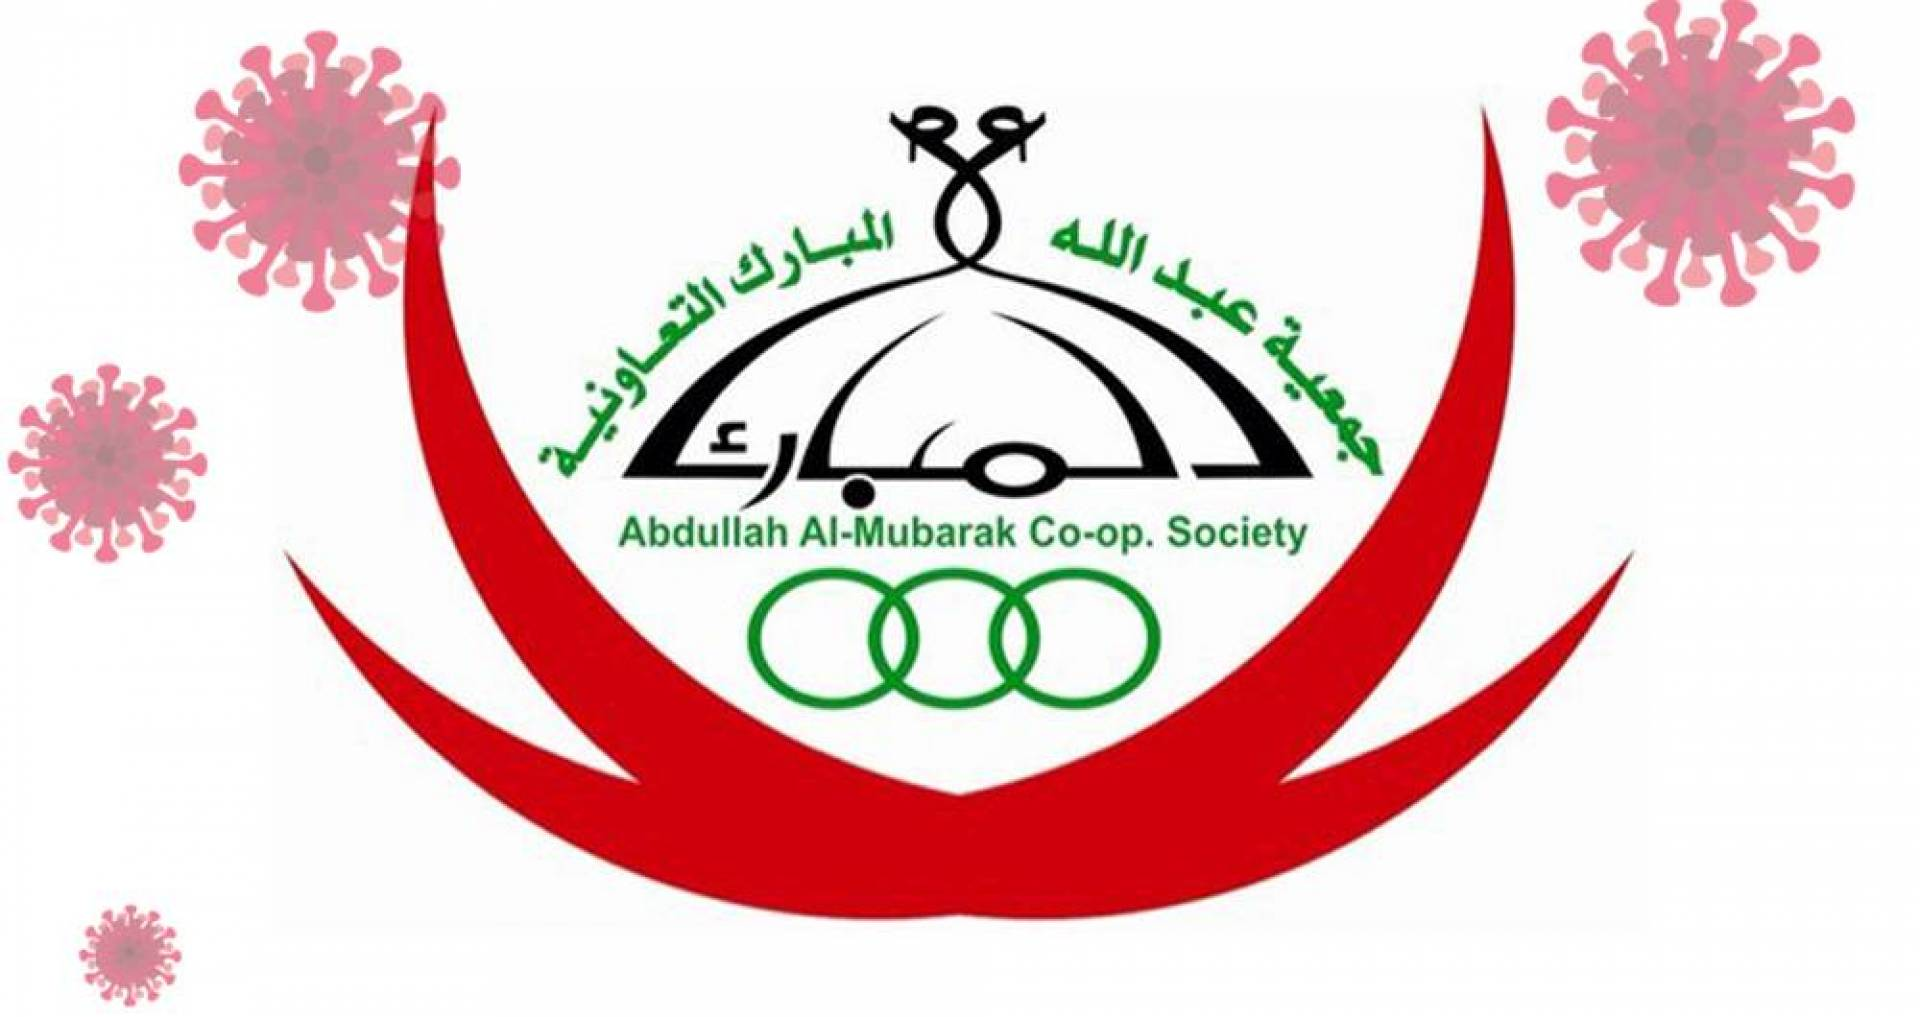 جمعية عبدالله المبارك تعلن إصابة 22 موظفاً بـ «كورونا»